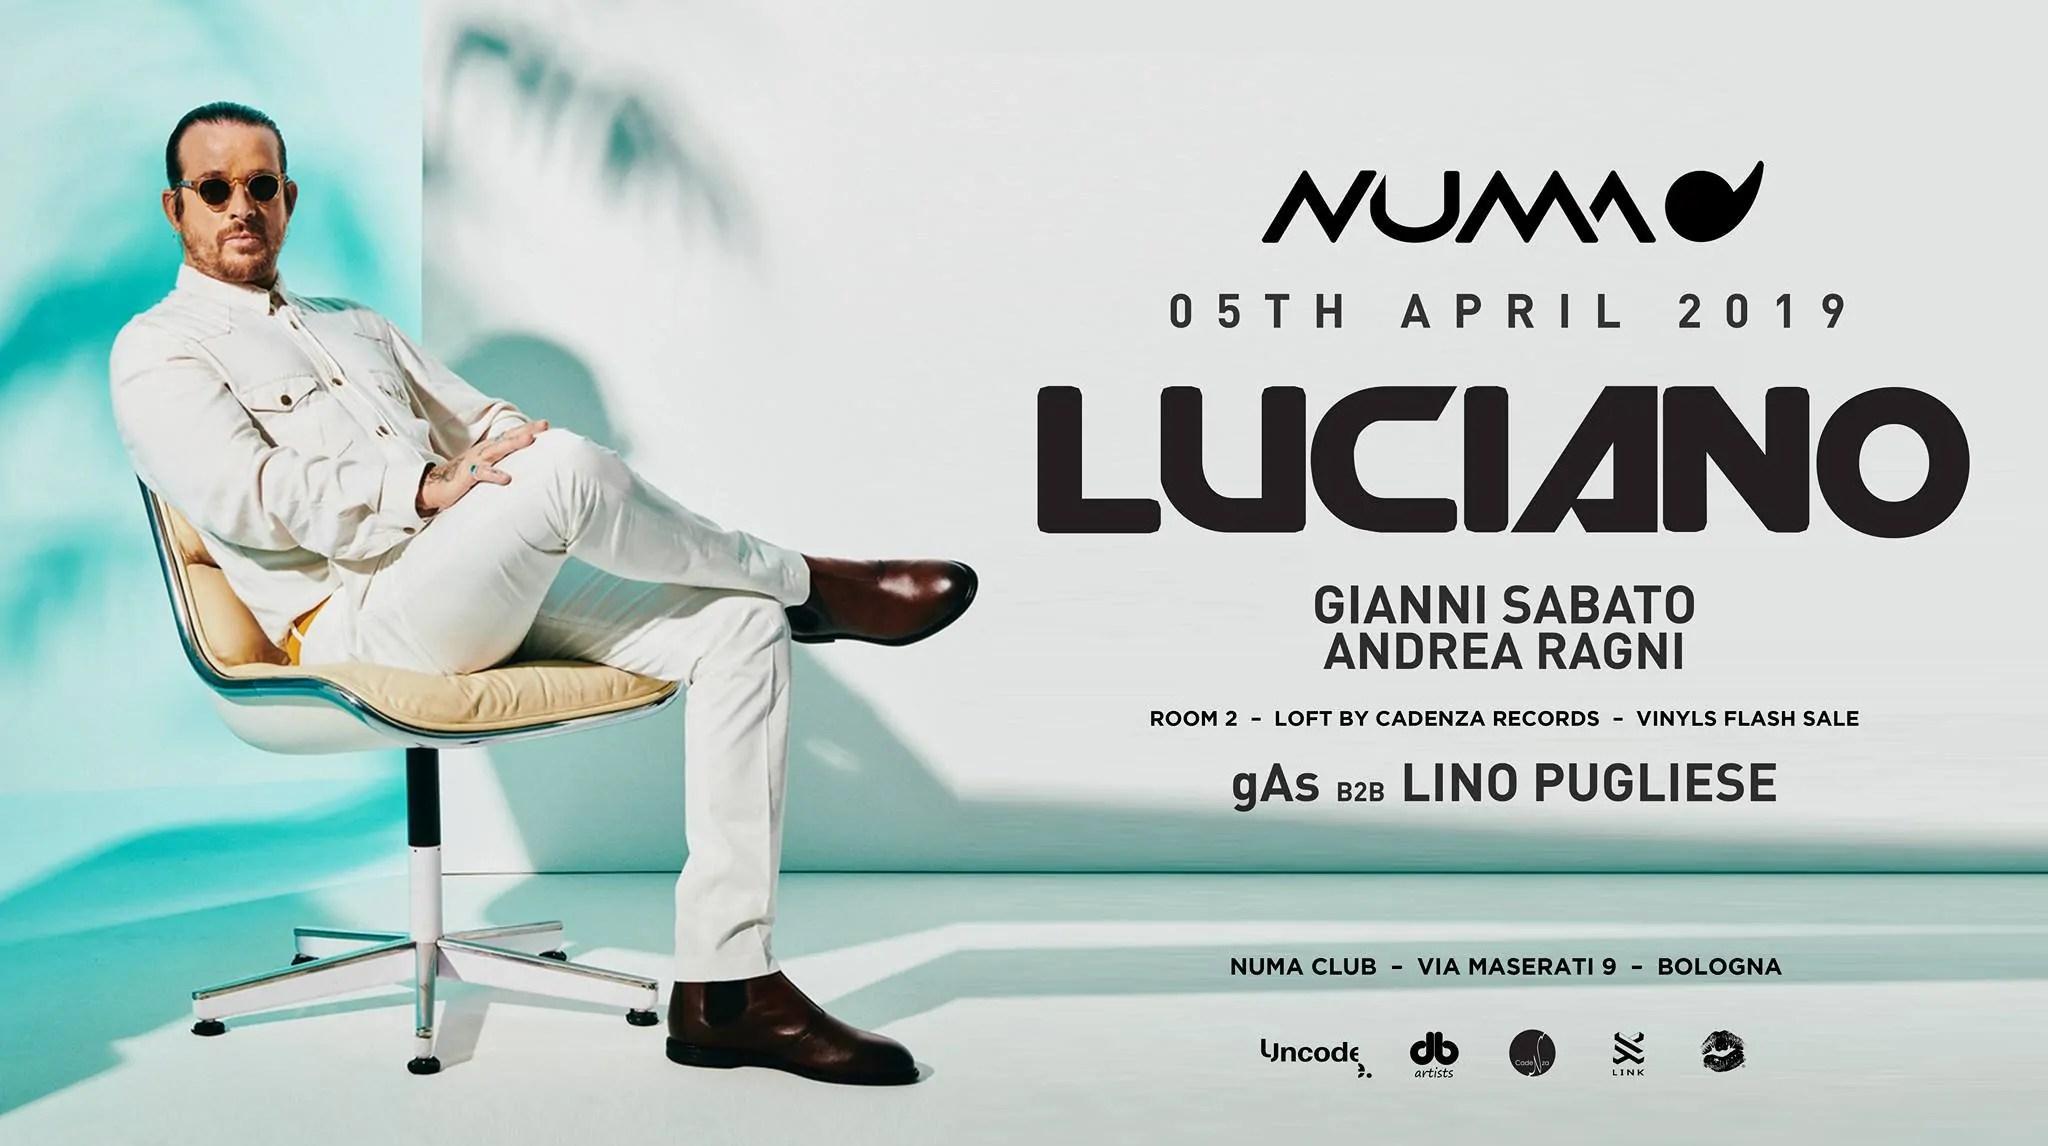 Numa Club Bologna LUCIANO – Venerdì 05 Aprile 2019 | Ticket Biglietti 18APP Tavoli Pacchetti hotel Prevendite